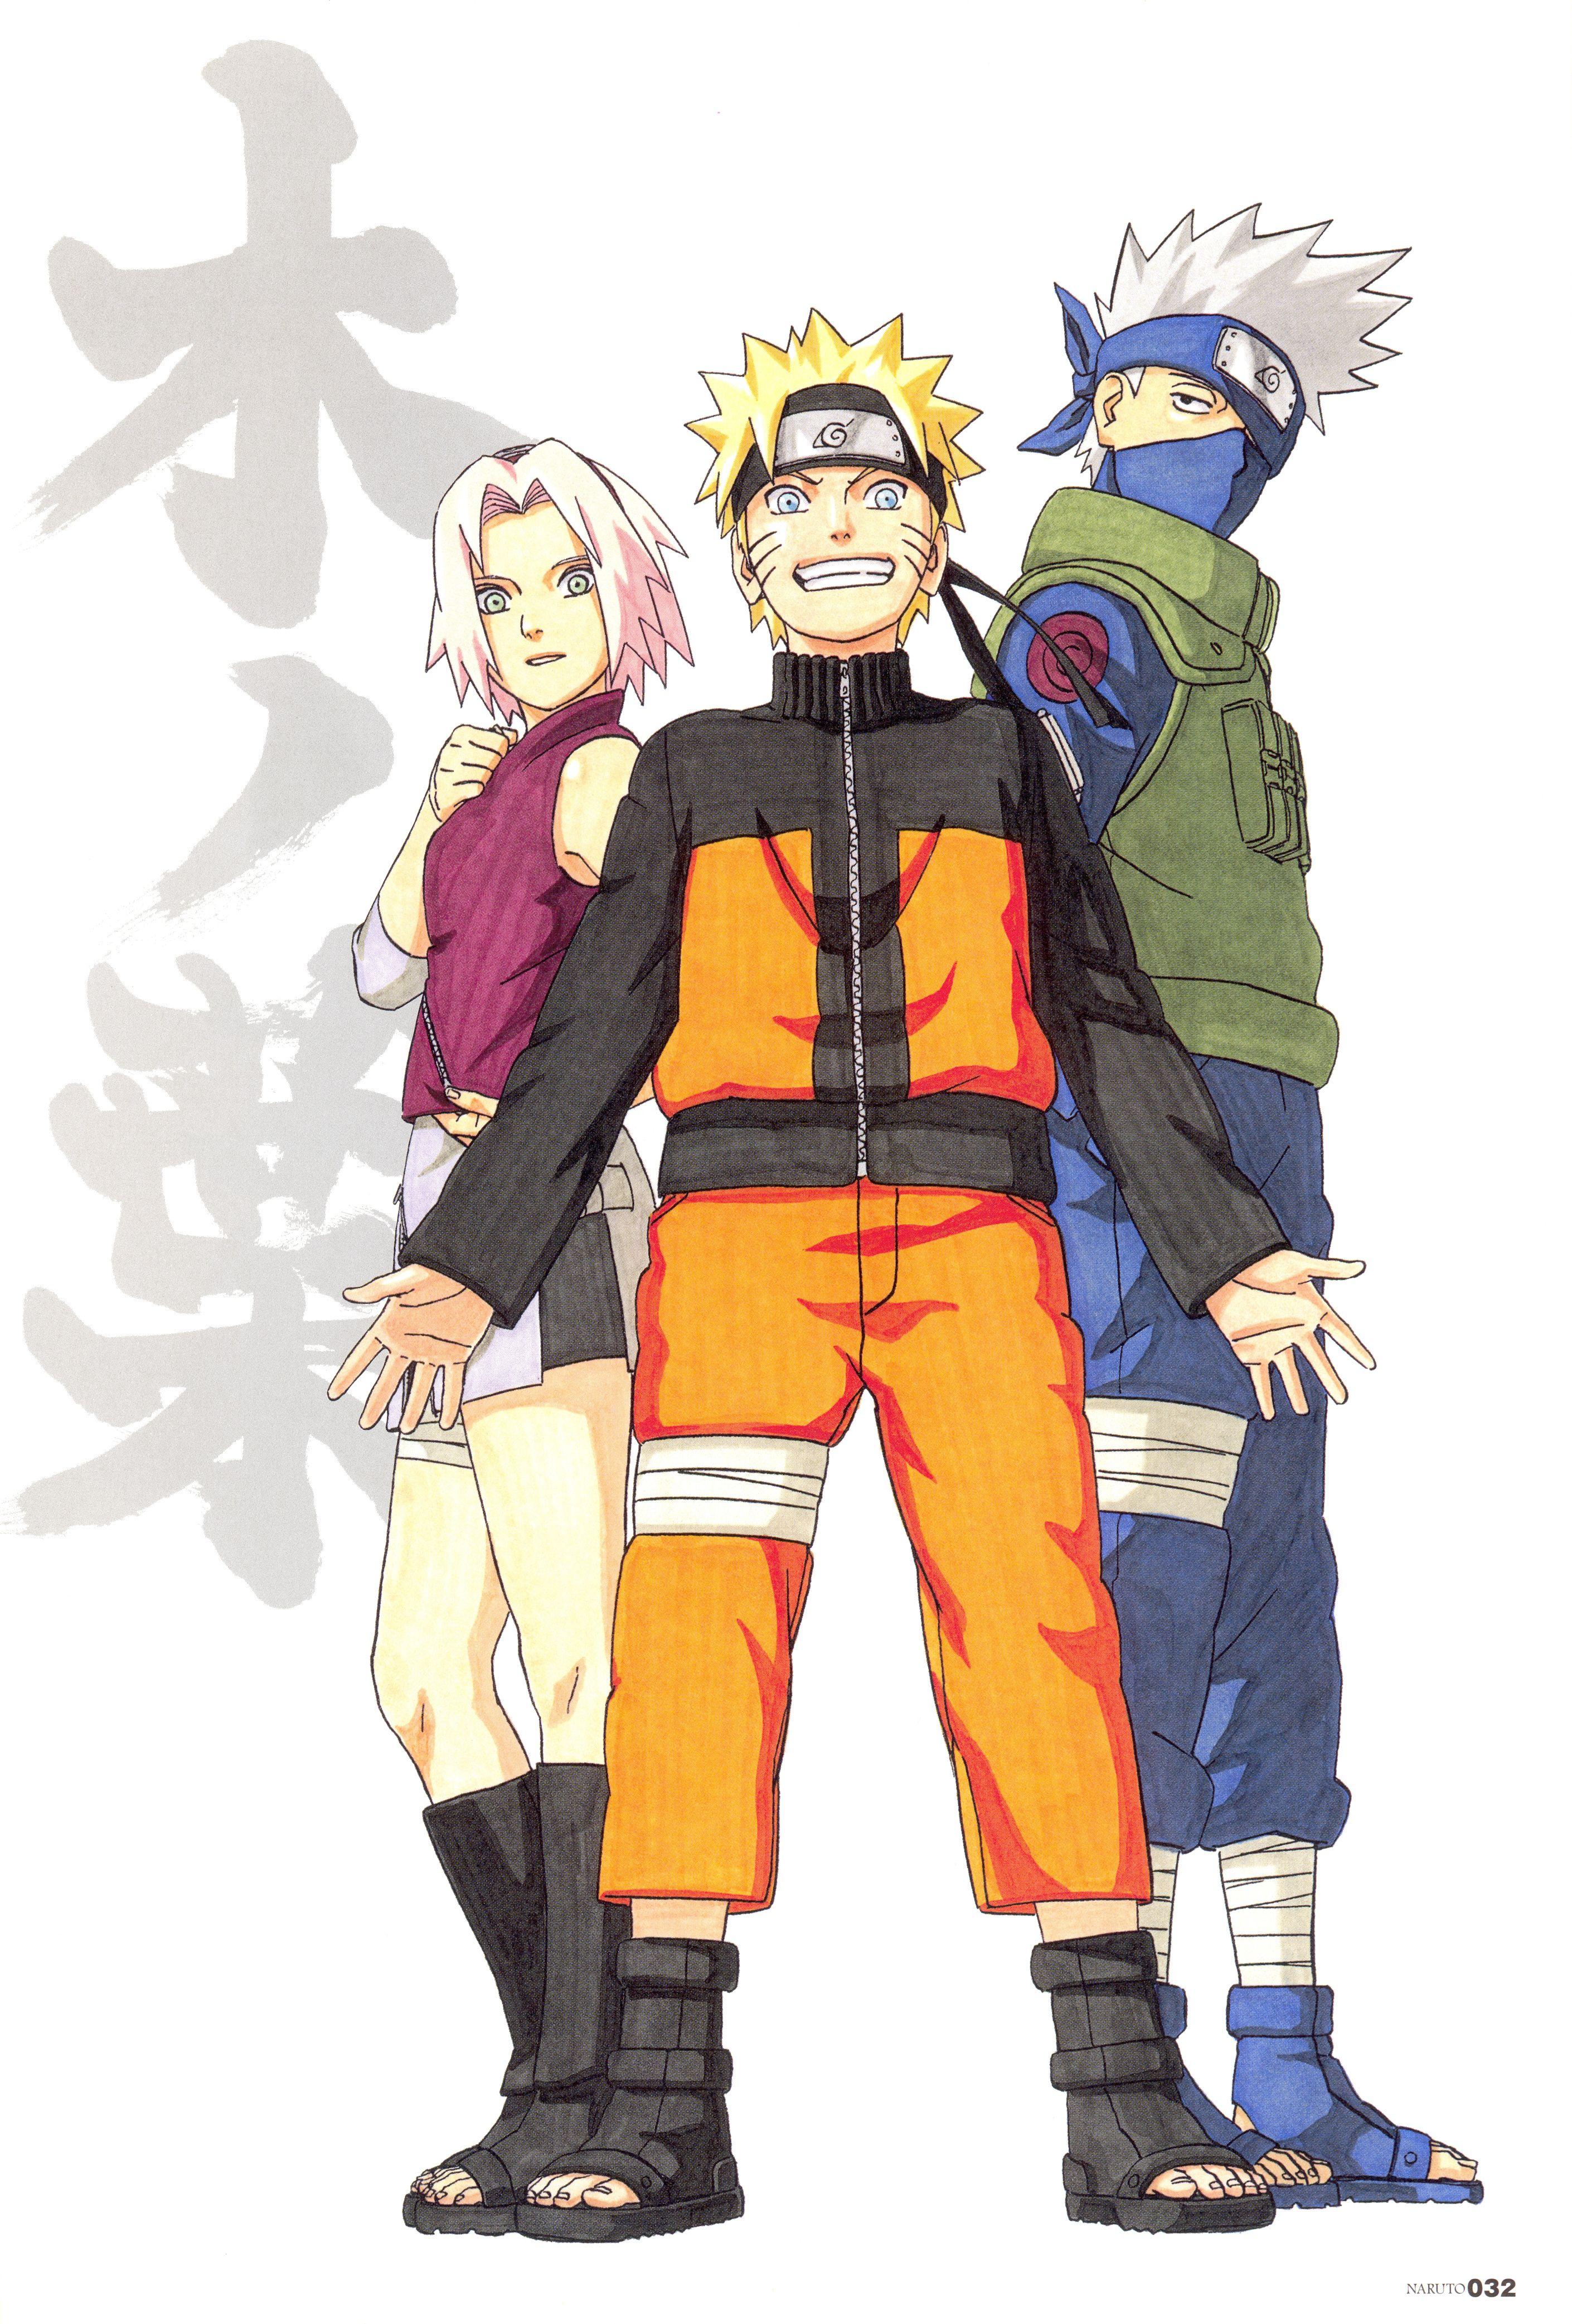 Pin by *Anisazu * on Naruto Masashi Kishimoto Anime